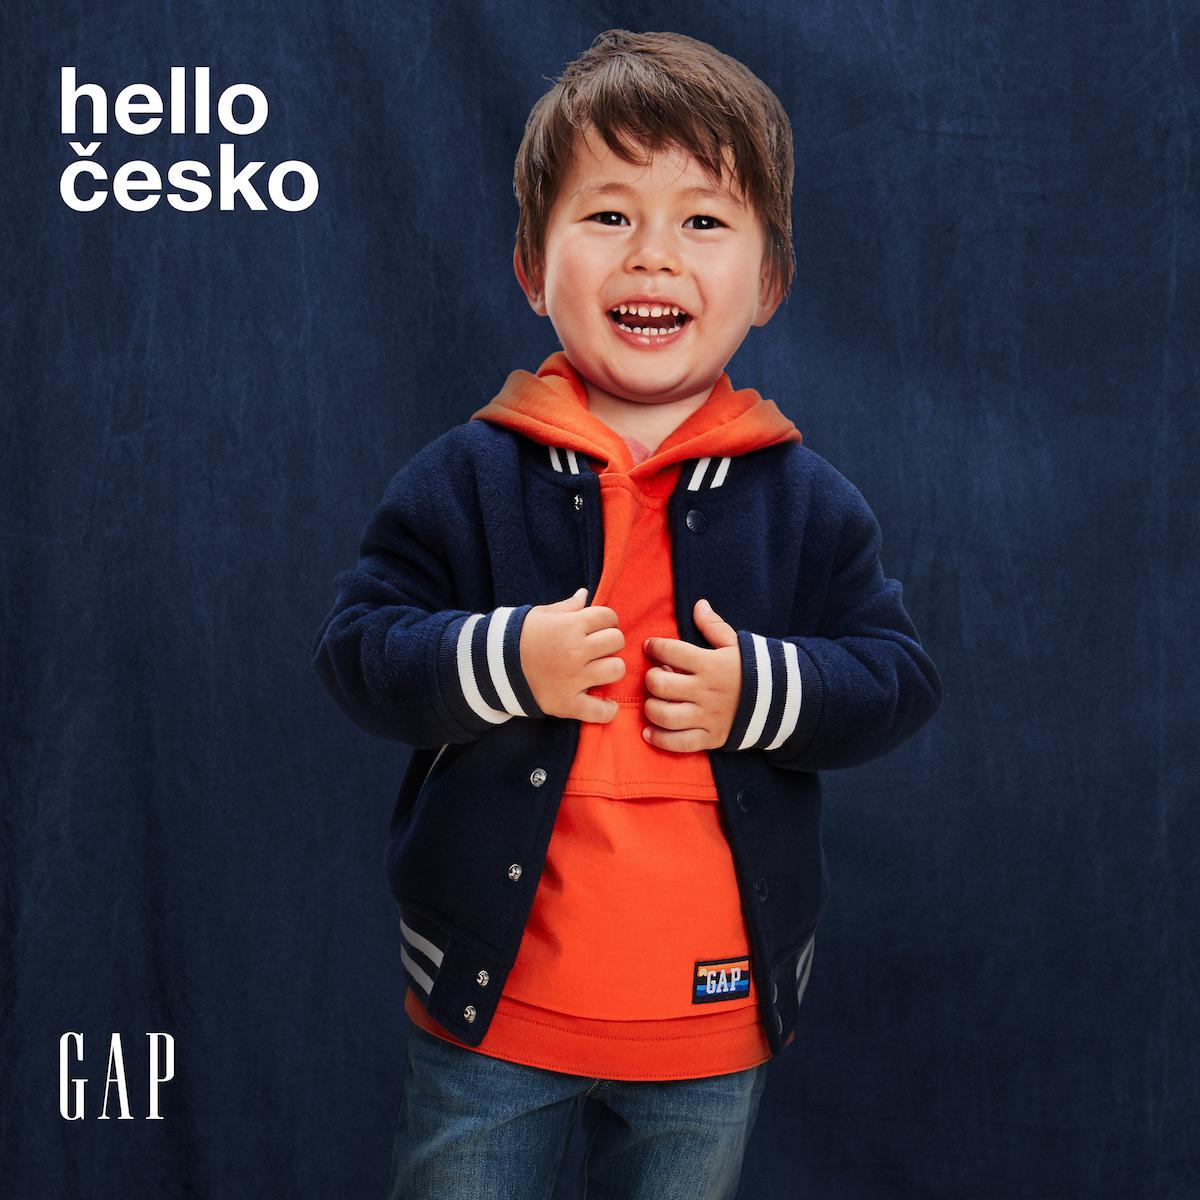 Zaváděcí kampaň značky Gap s globálními vizuály